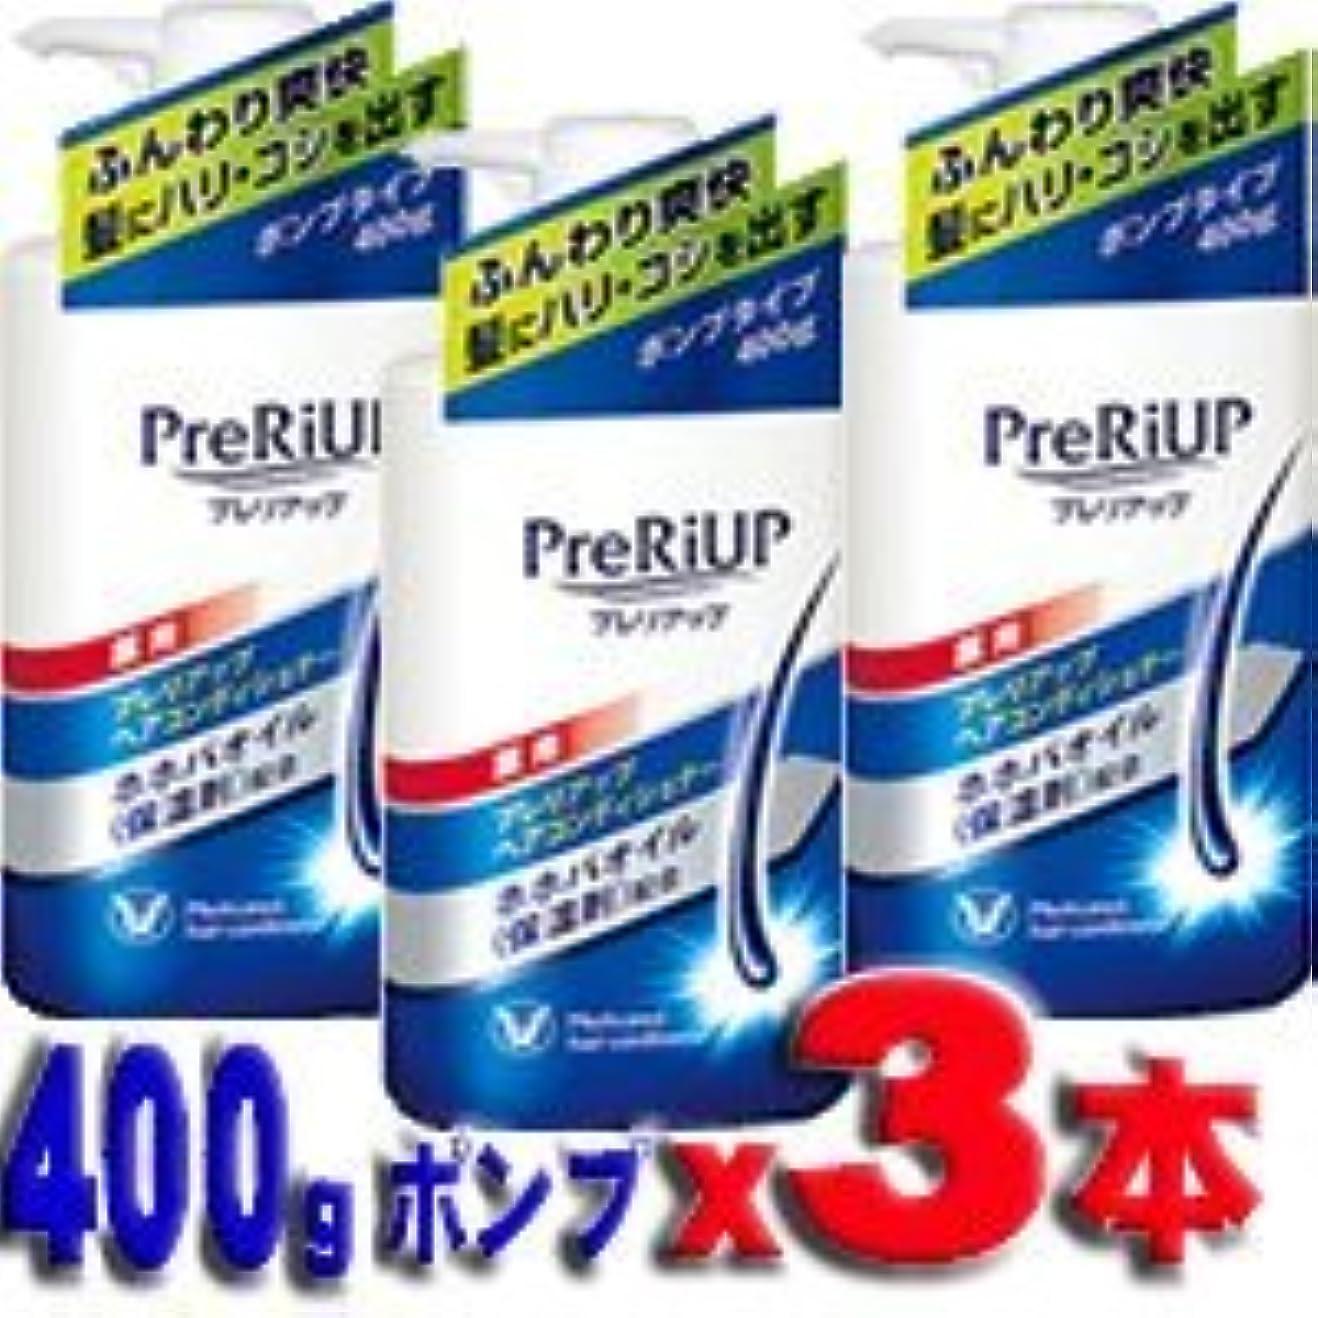 ニュージーランドブラインドツール大正製薬 プレリアップヘアコンディショナー 徳用ポンプ400gx3本